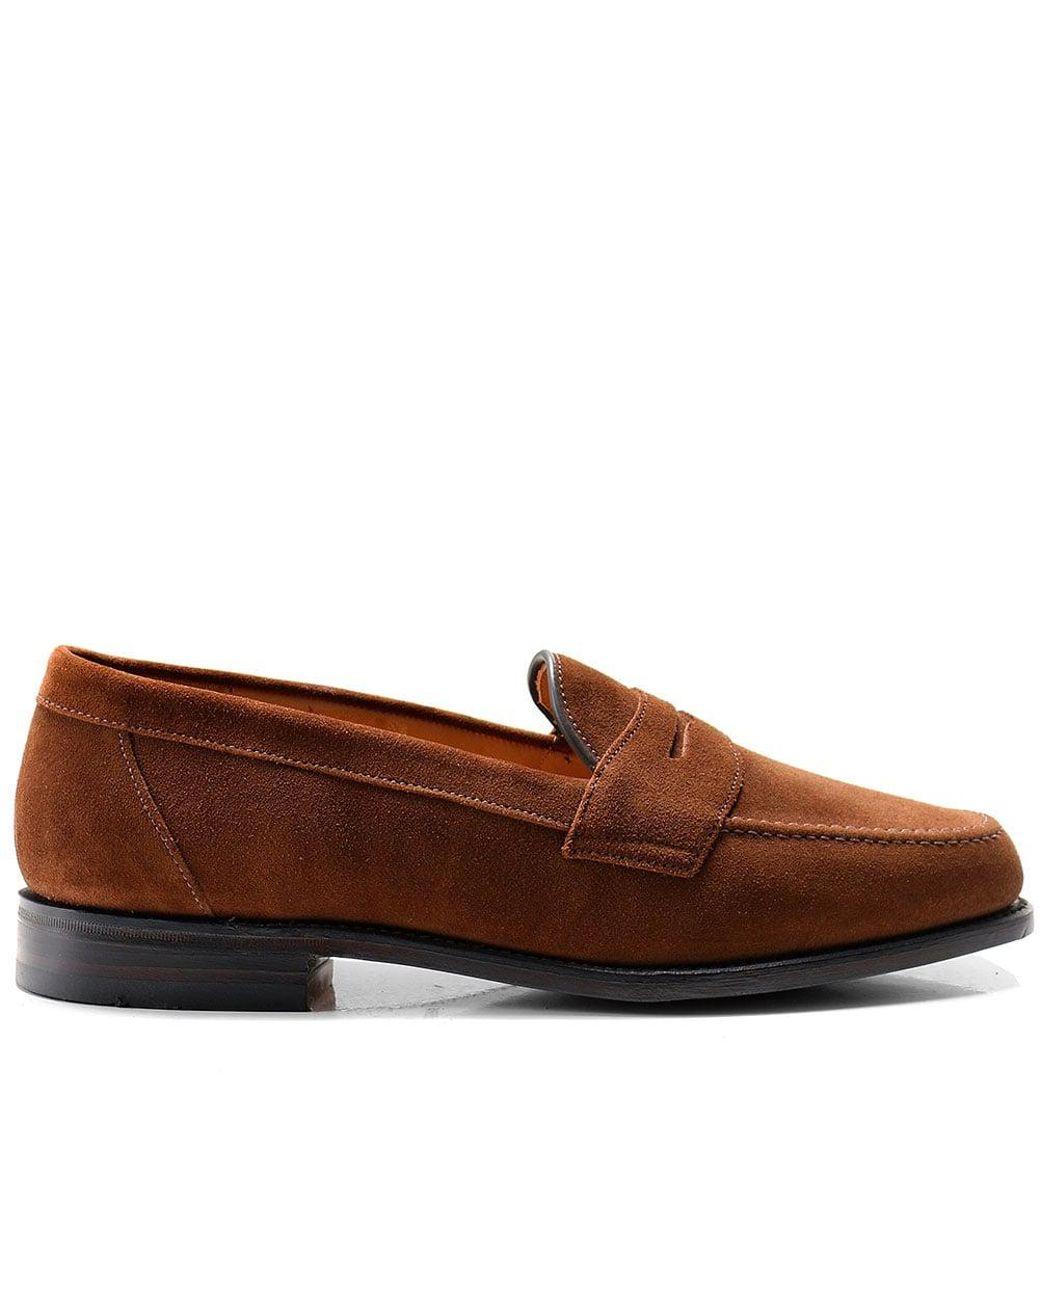 Homme Coloris Eton Loafers De Marron Saddle Suede eYWbEH2D9I